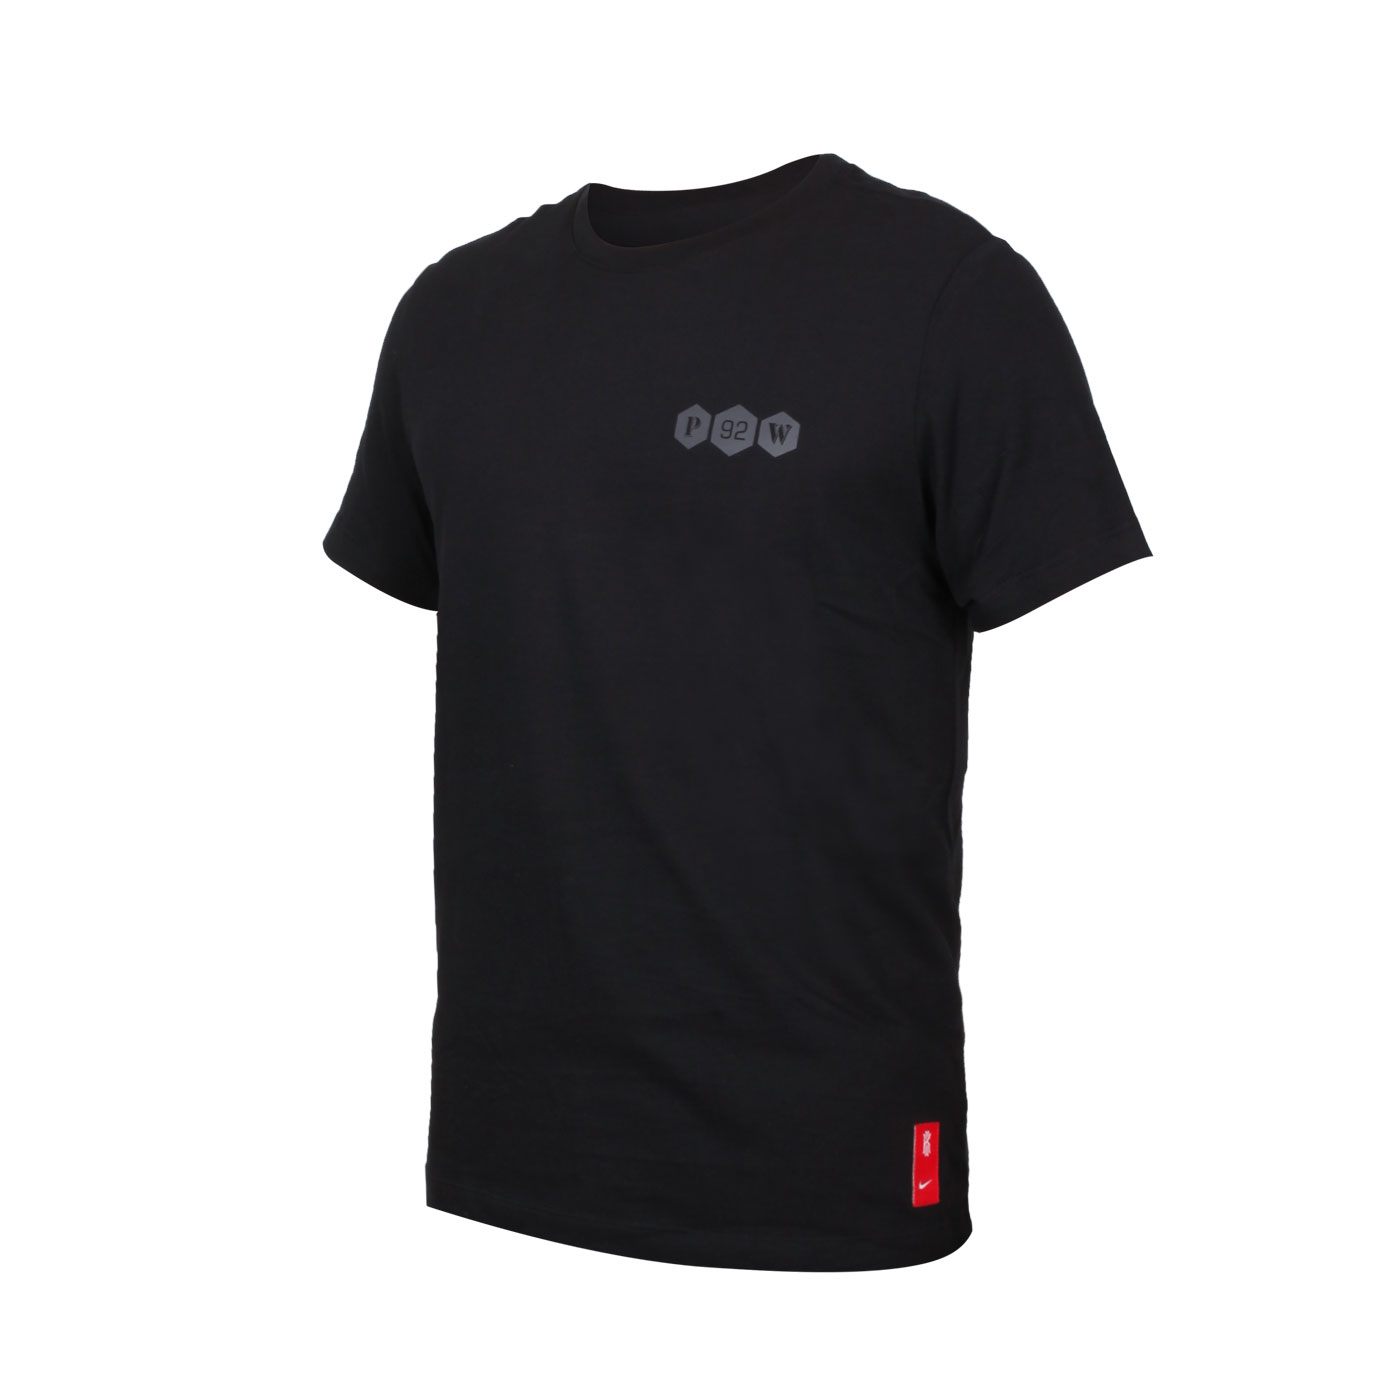 NIKE 男款短袖T恤 CV2061-010